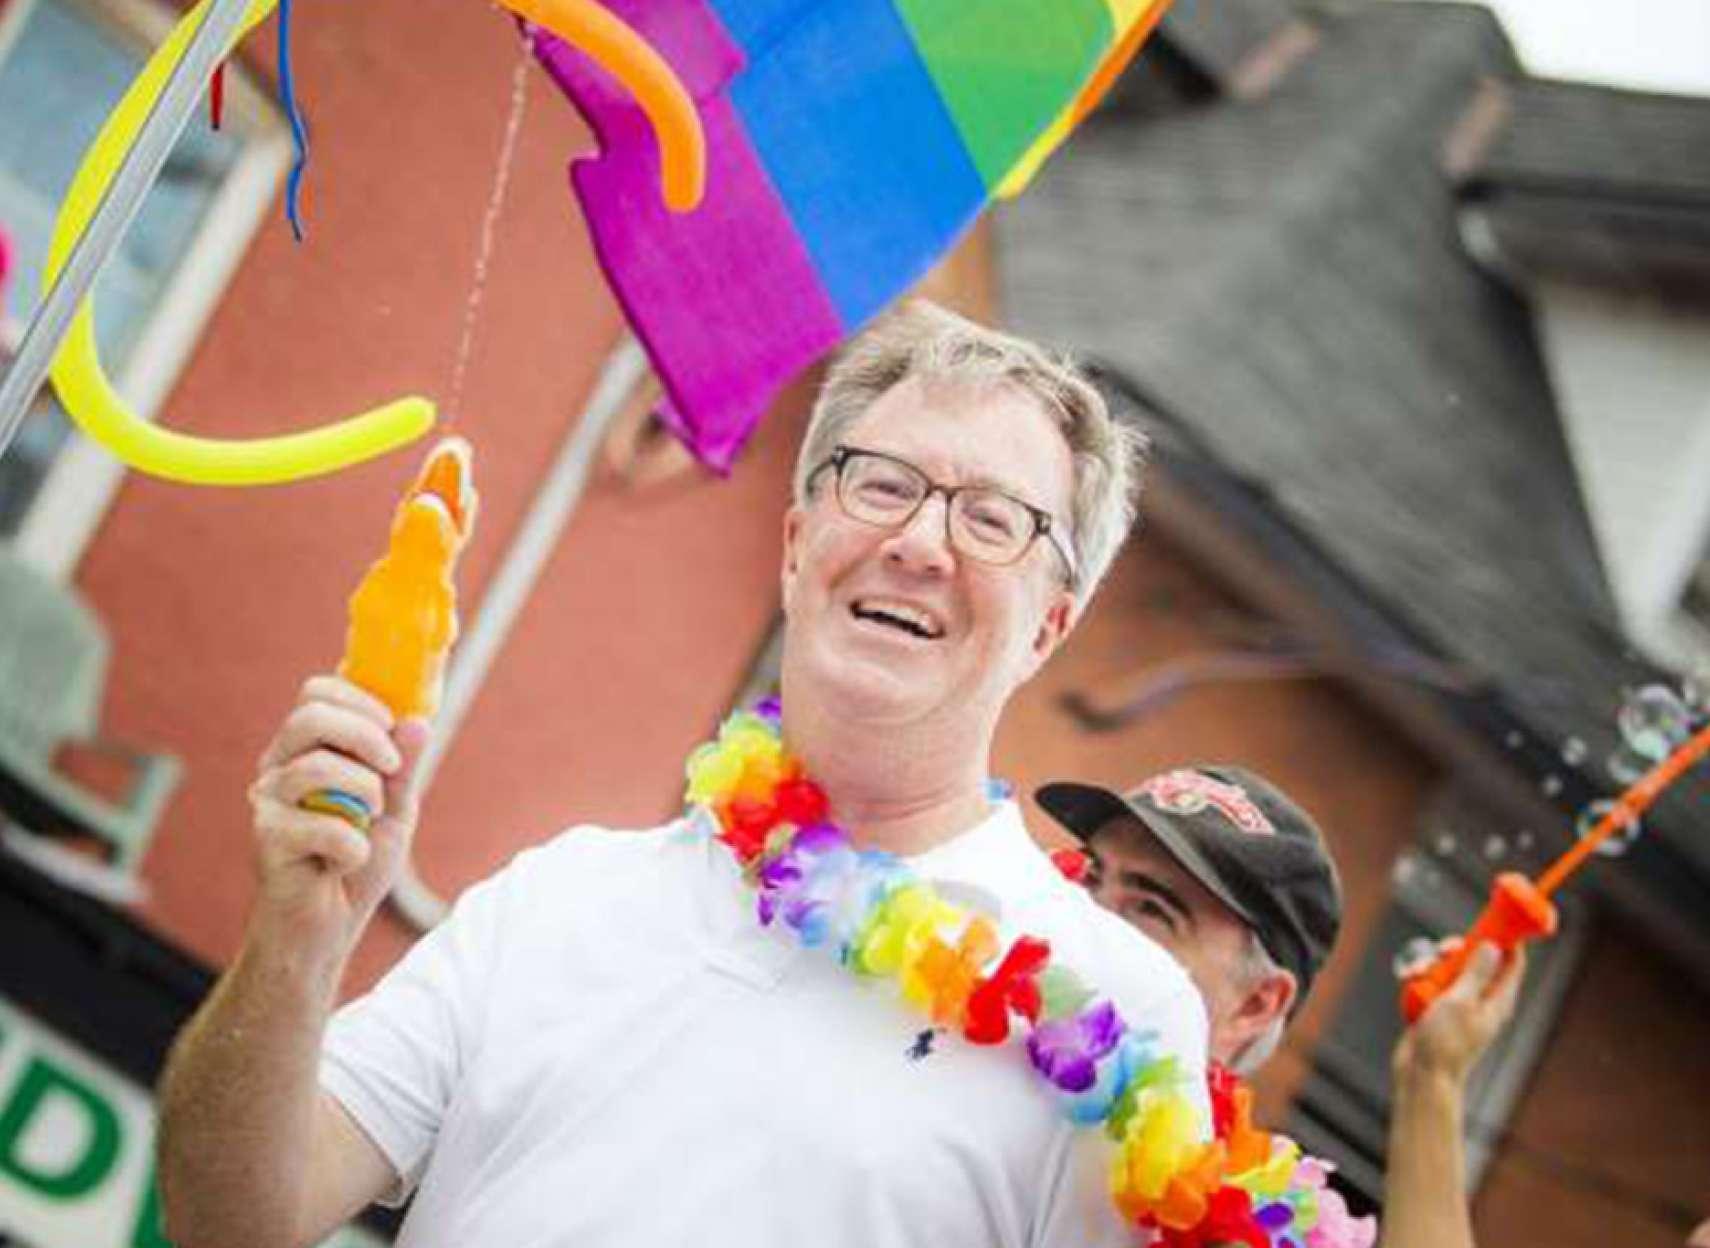 اخبار-کانادا-شهردار-اتاوا-من-همجنسگرا-هستم